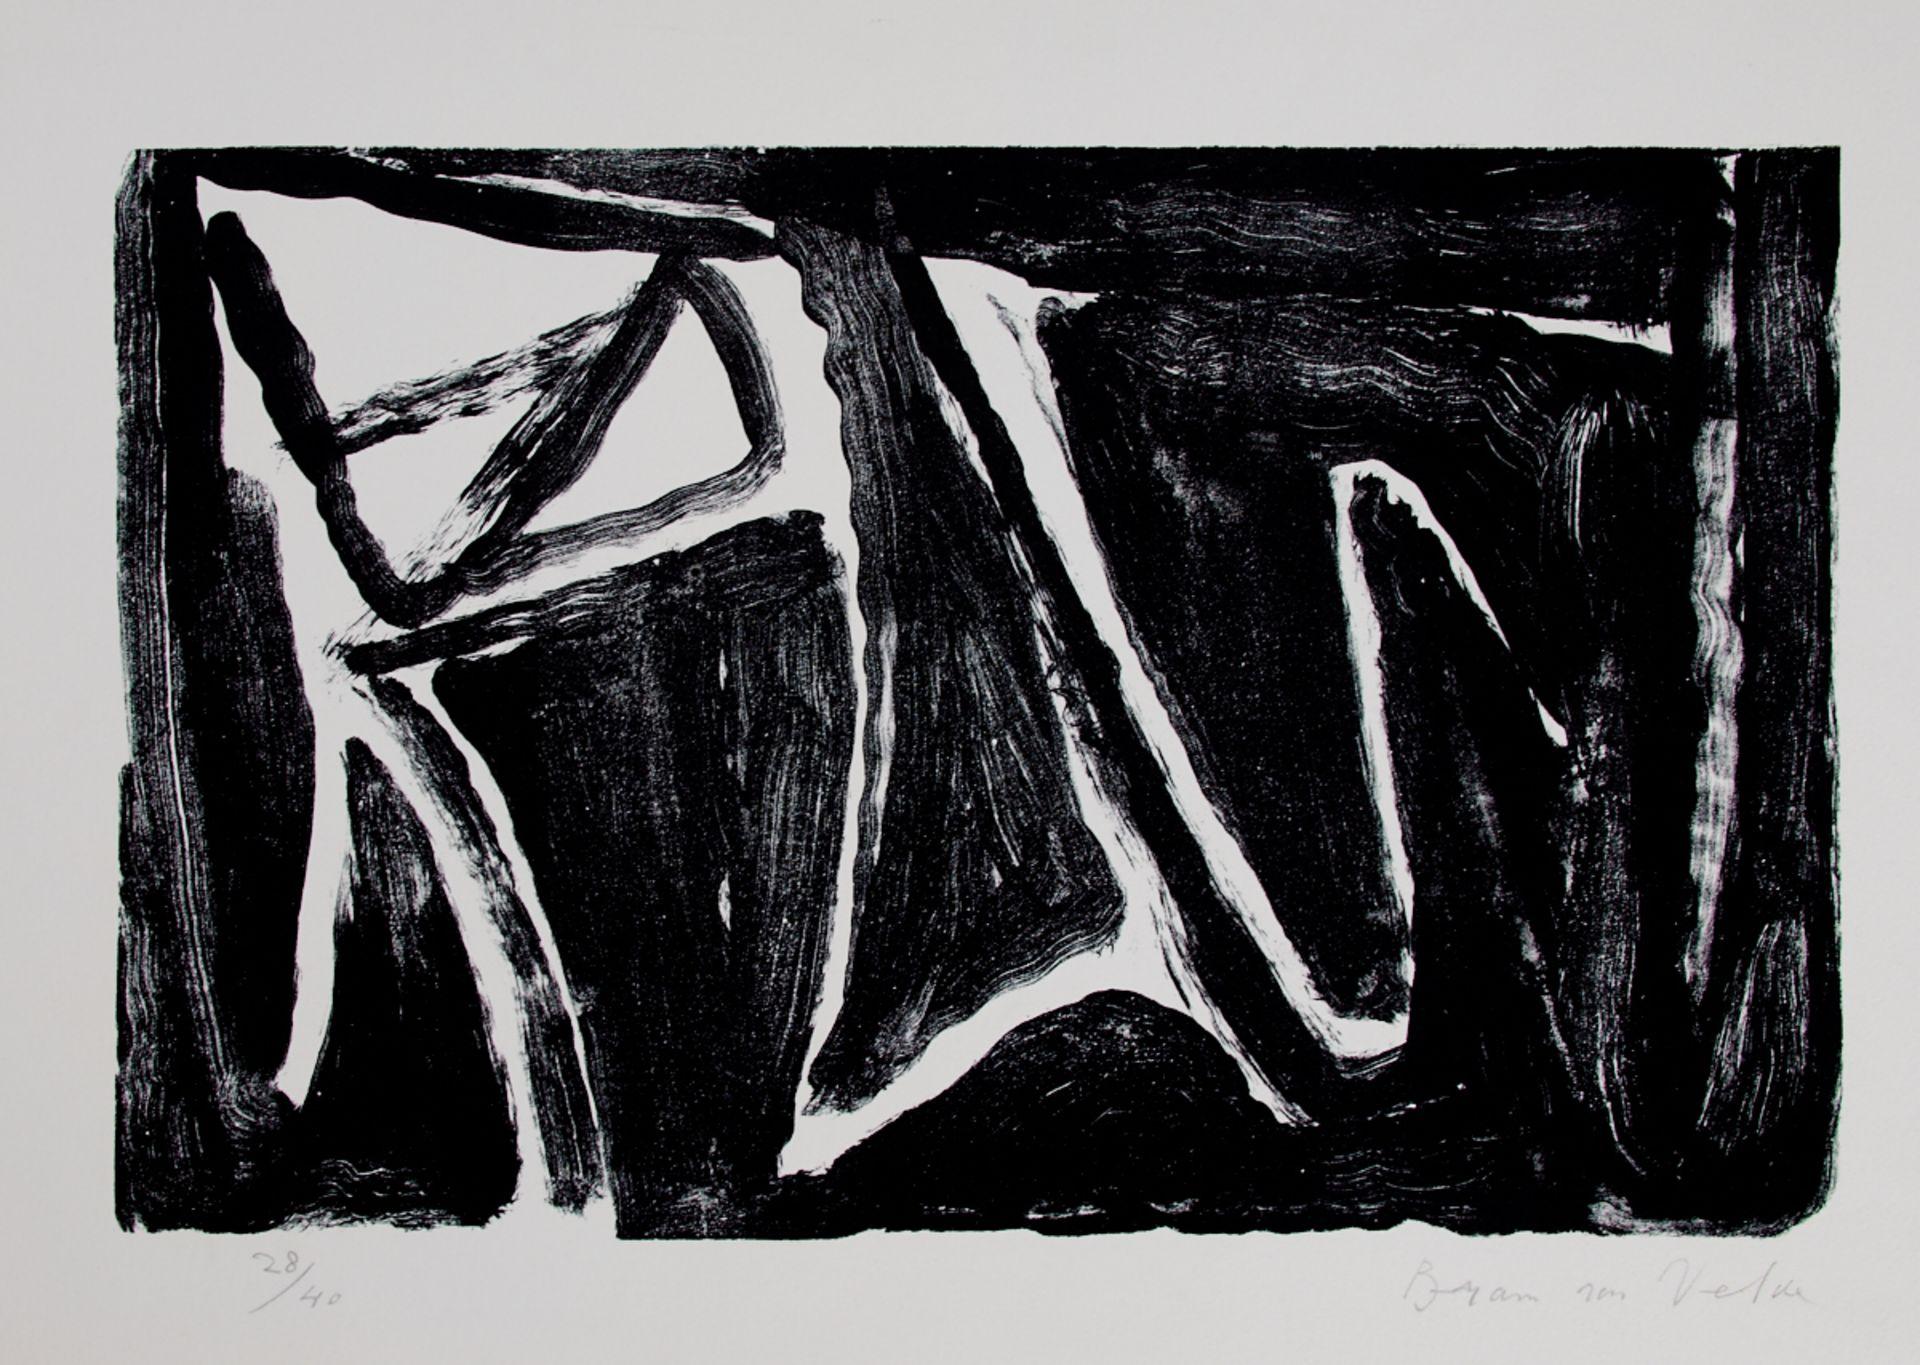 Sammlung - - Image 2 of 17